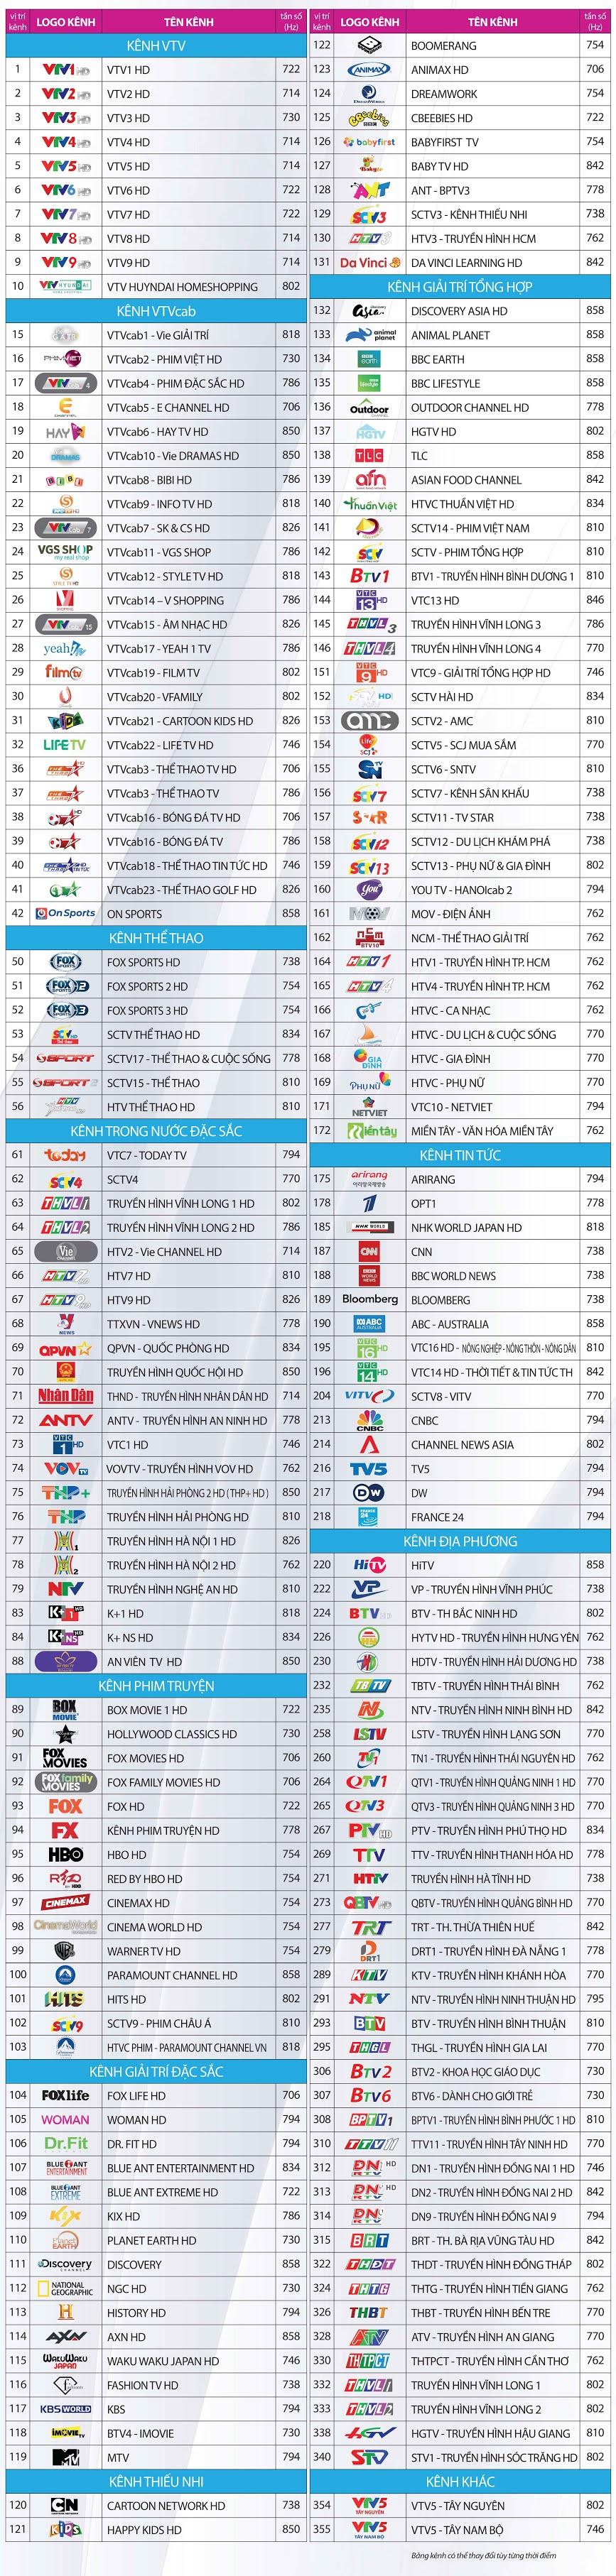 >Danh sách kênh trên truyền hình số HD gói Đỉnh